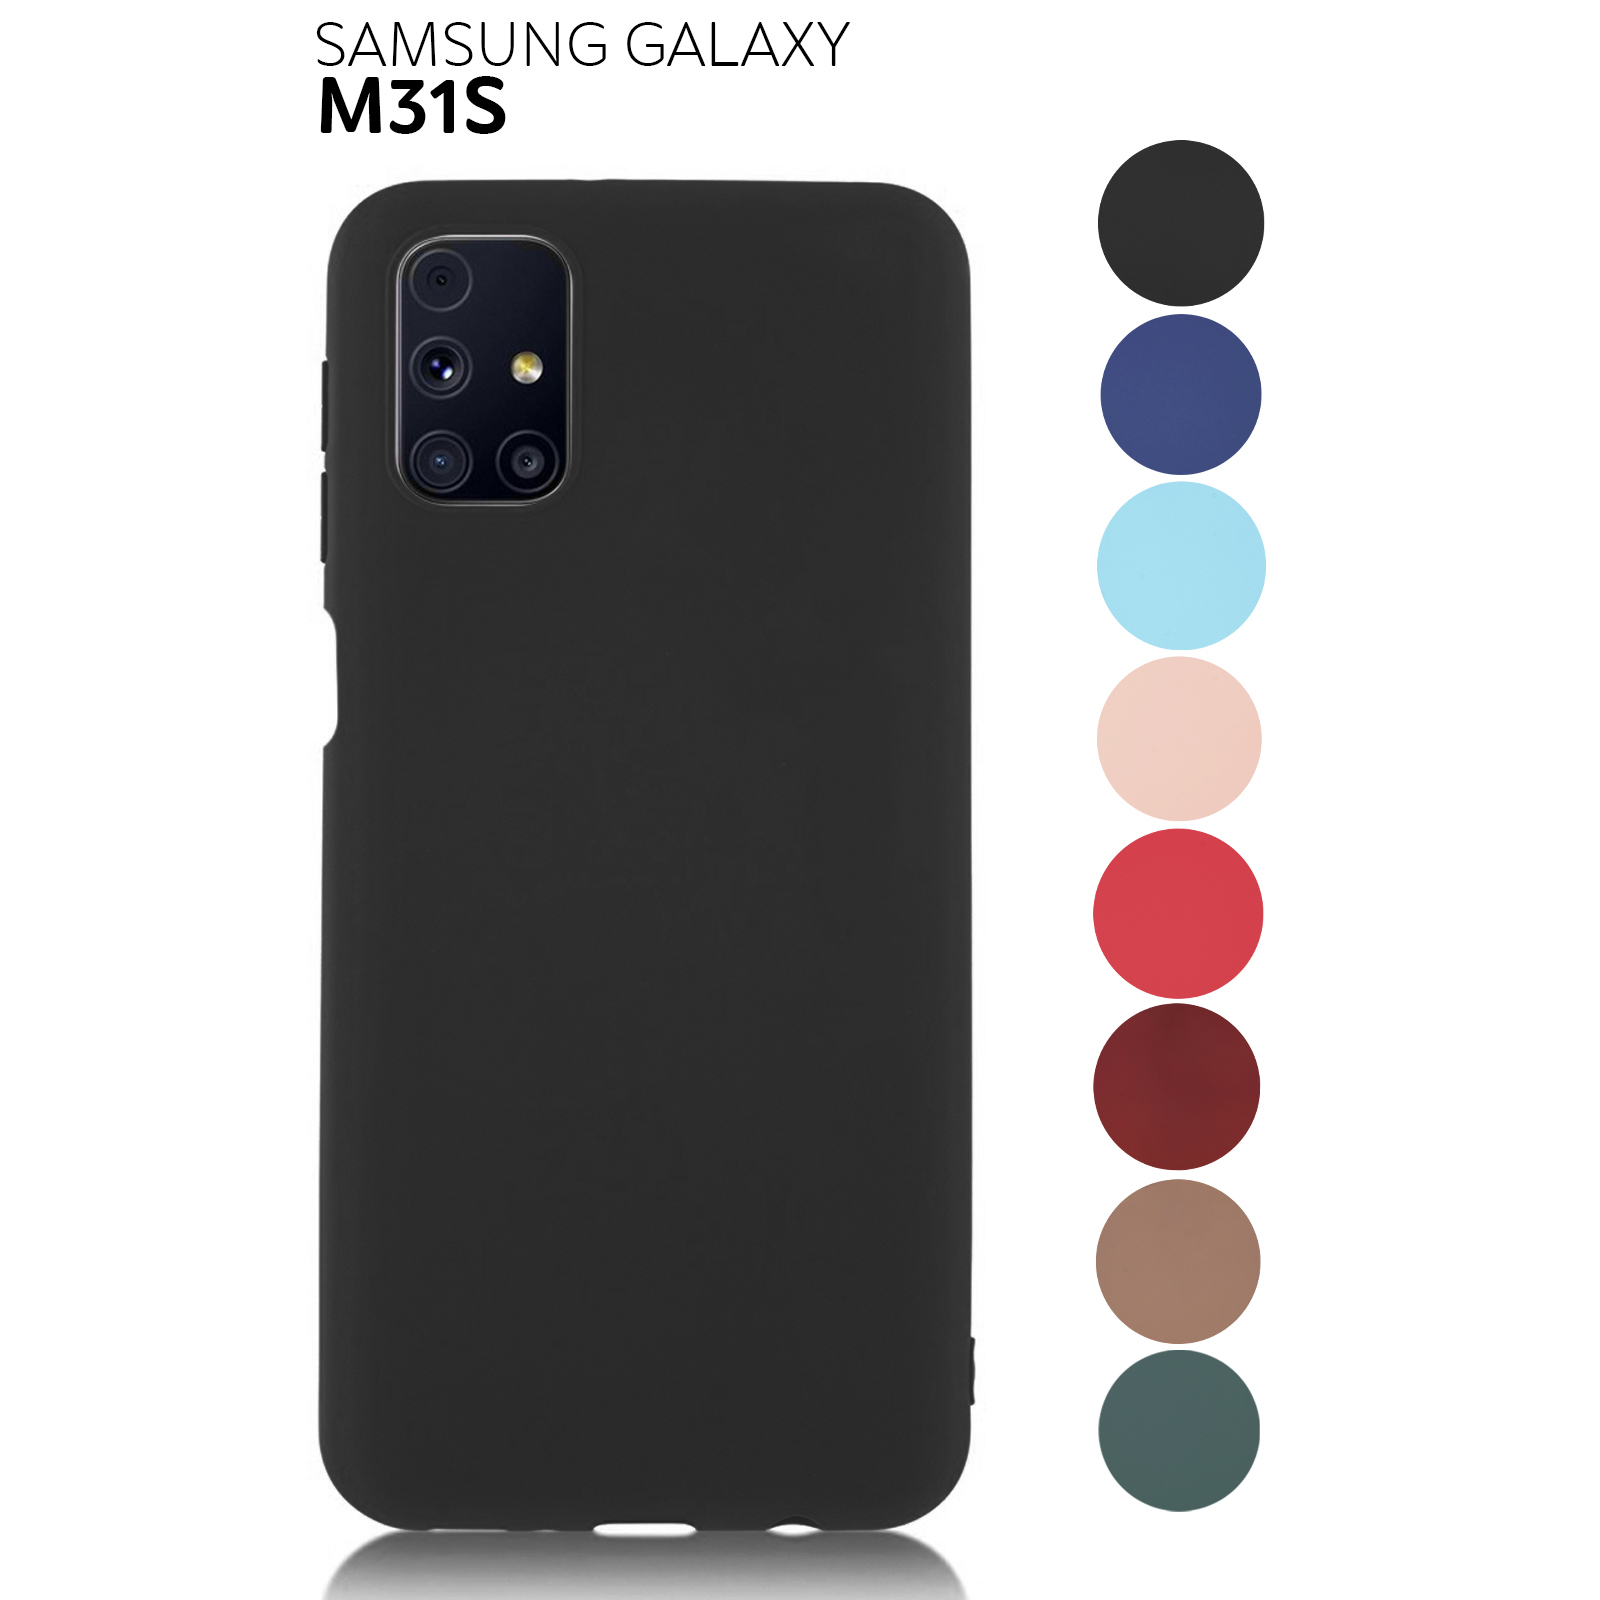 Силиконовый тонкий матовый чехол ROSCO для Samsung Galaxy M31S Бамперы    АлиЭкспресс